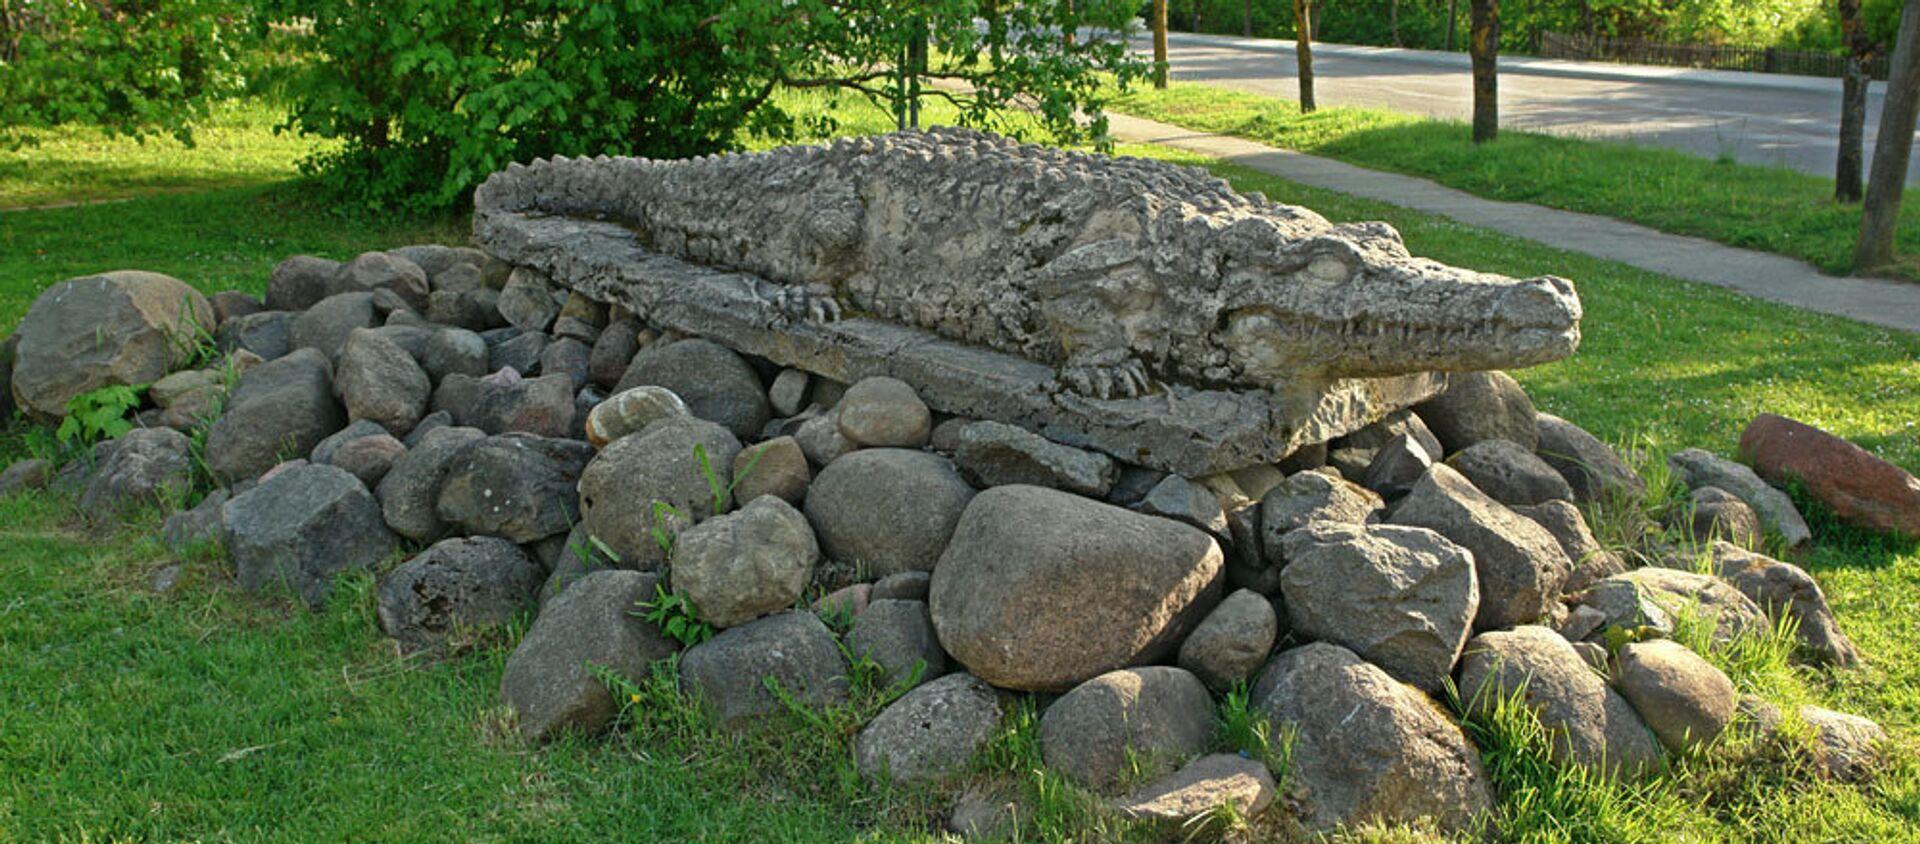 Памятник крокодила в Дундаге - Sputnik Латвия, 1920, 27.04.2021